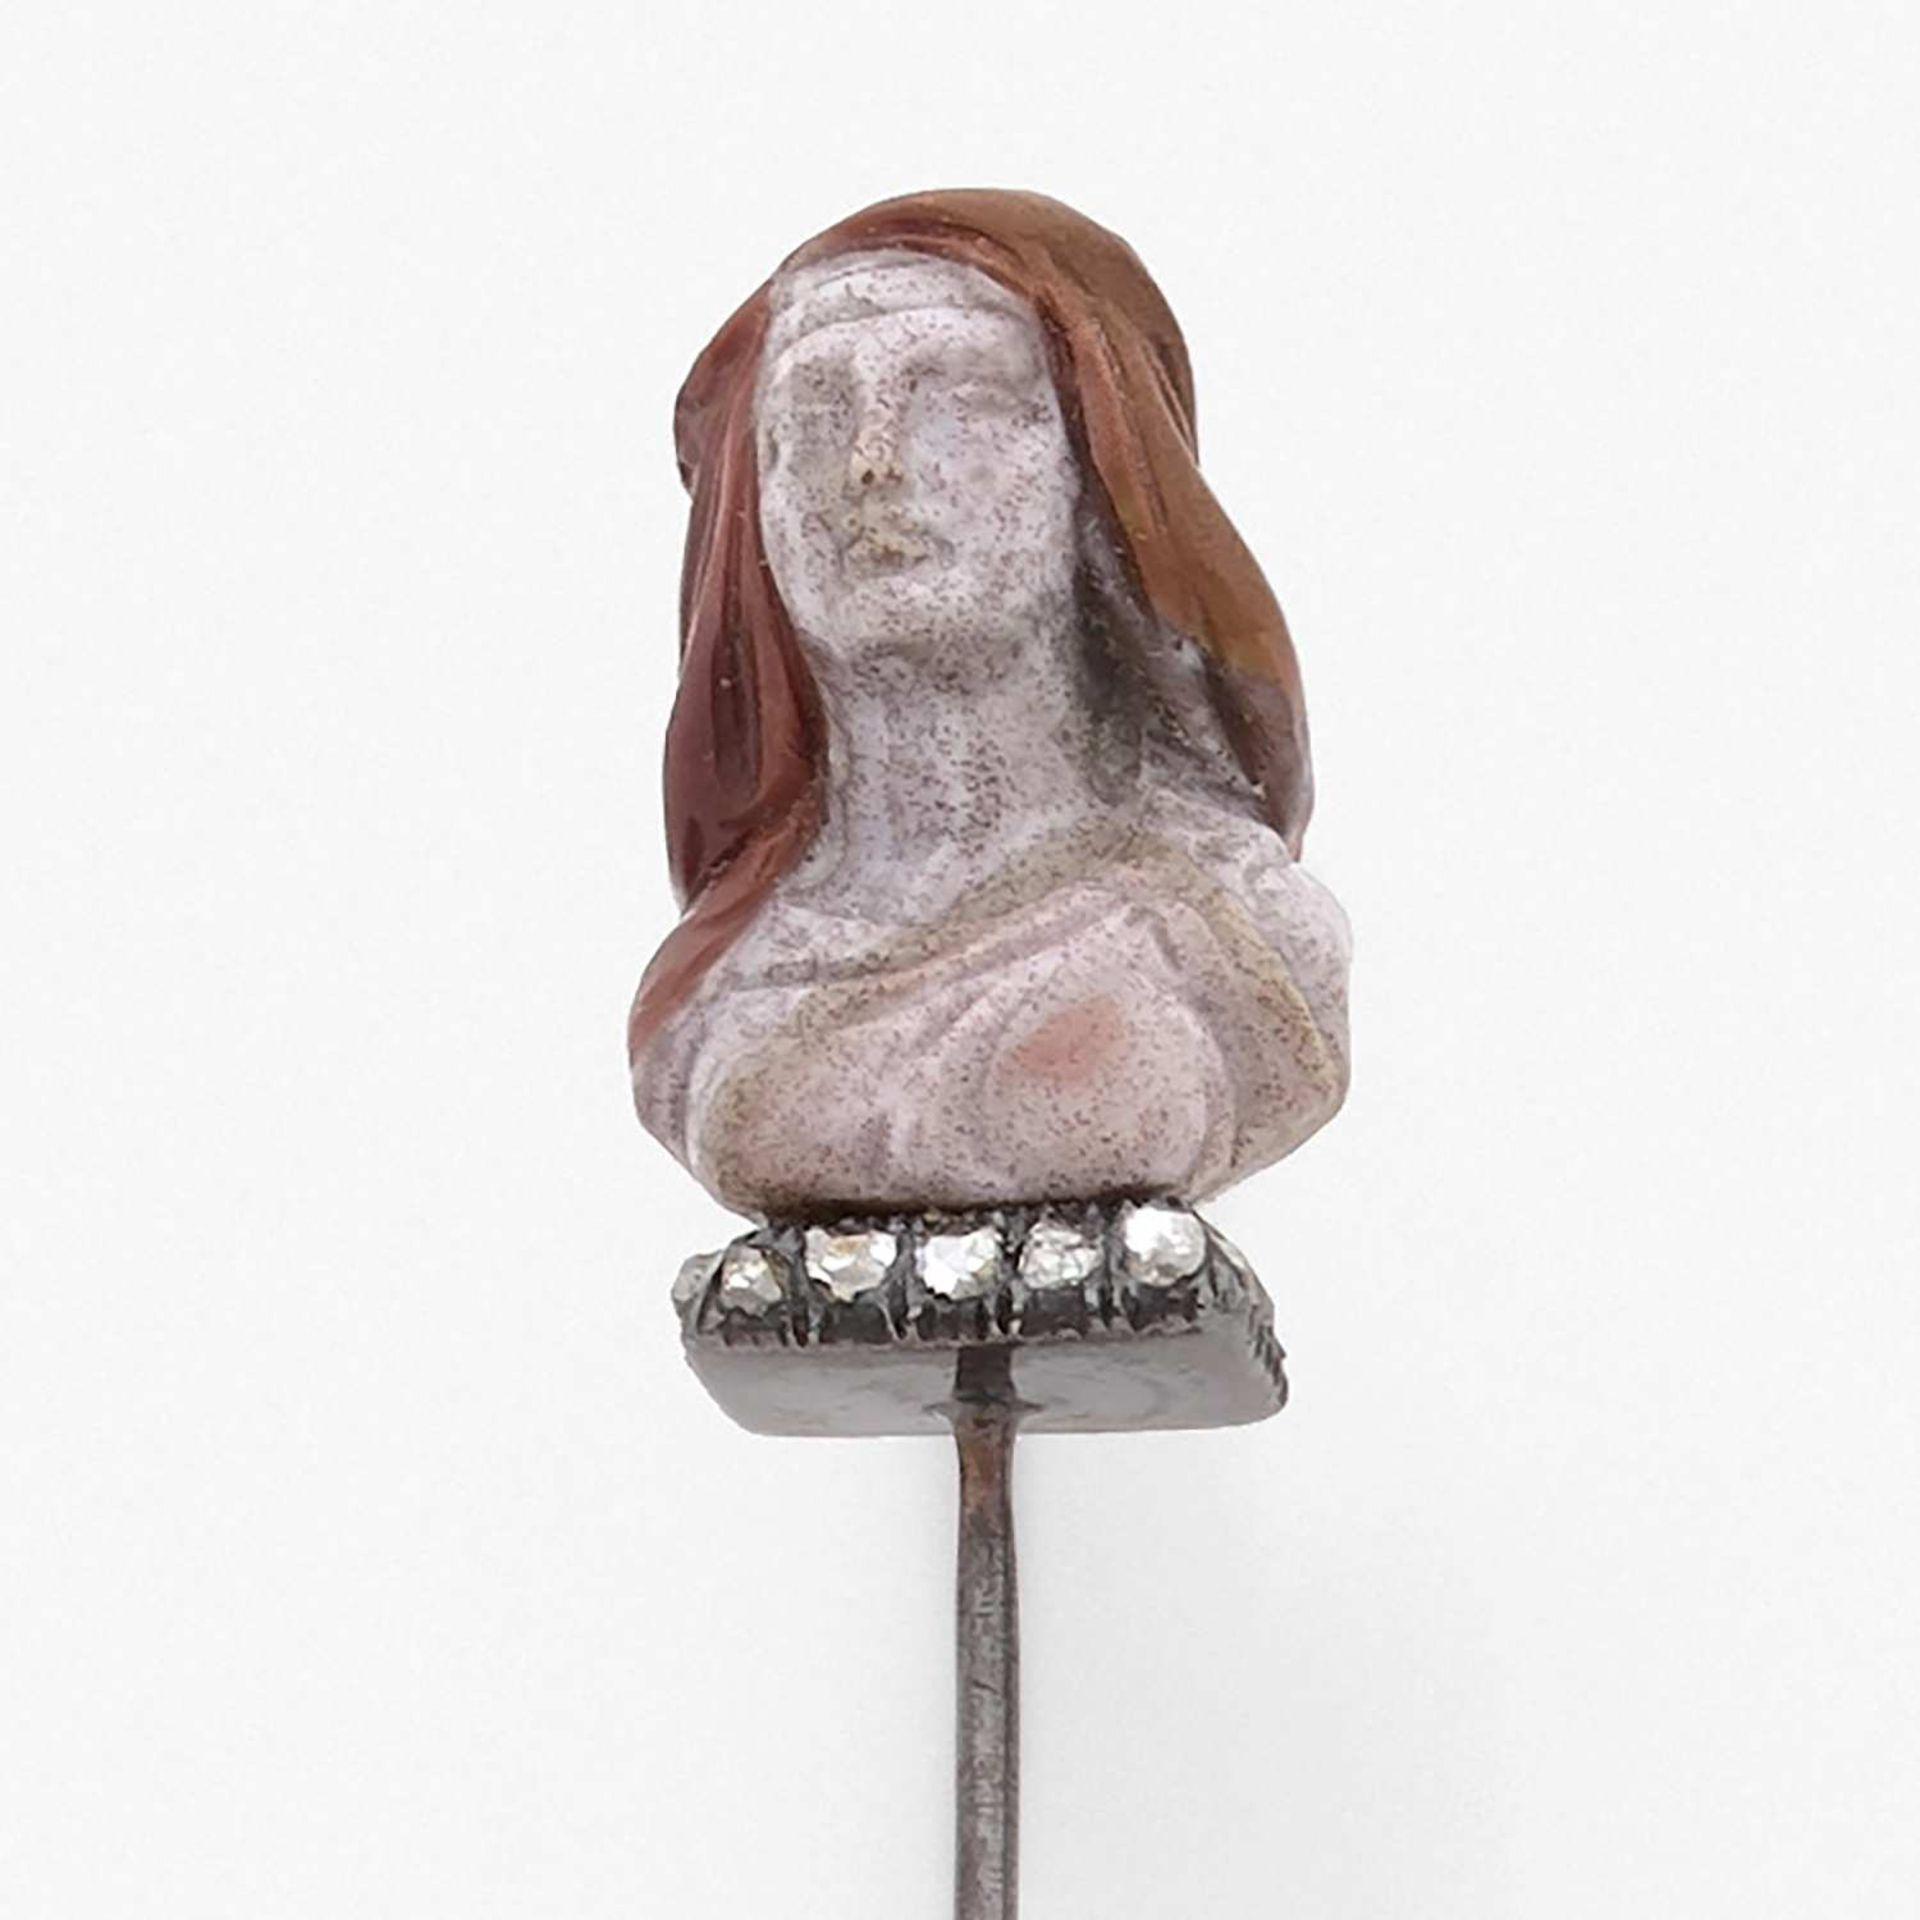 ANNEES 1860 EPINGLE BUSTE DE FEMME Elle représente un buste féminin en jaspe rose et brun. La base